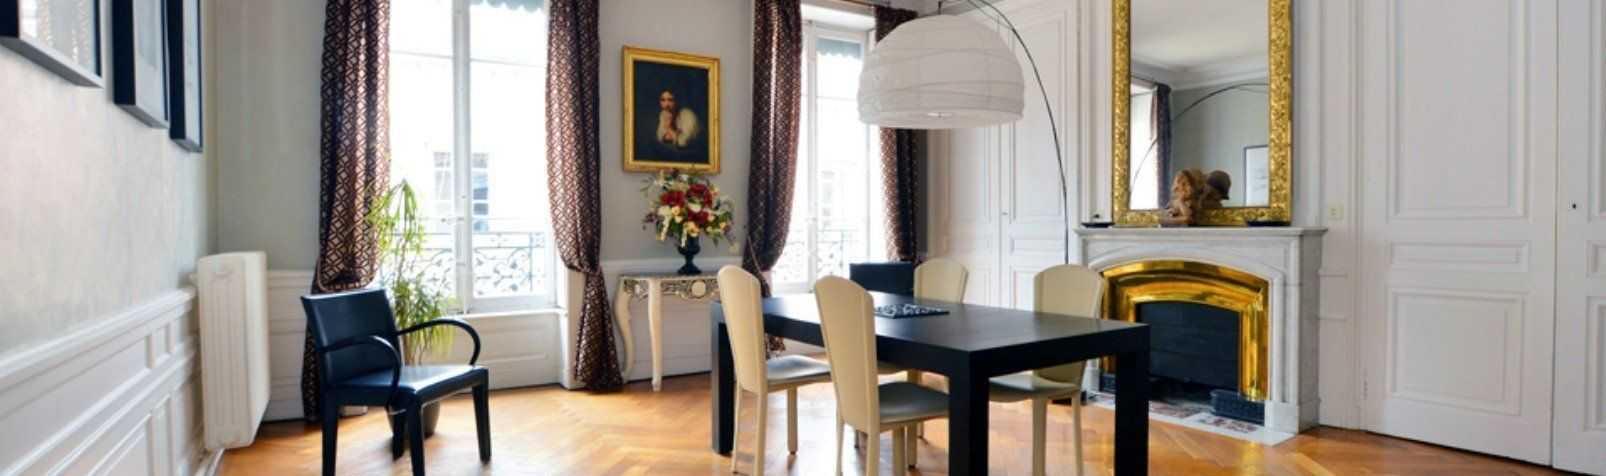 Location appartement meubl avec 3 chambre location moyenne ou longue dur e lyon 2 perrache - Location studio meuble lyon 2 ...